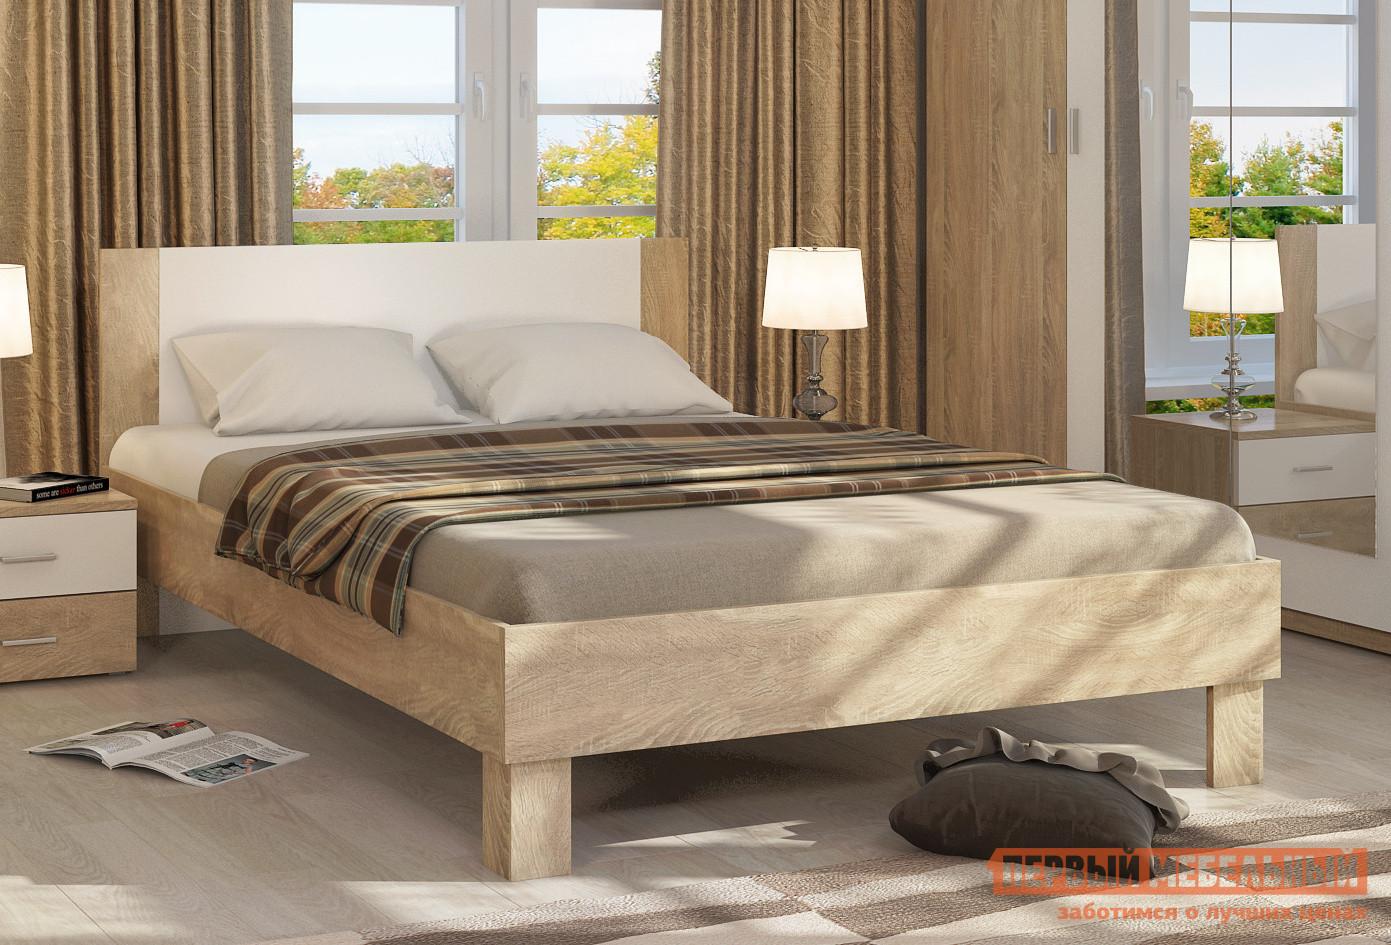 Фото Полутороспальная кровать Милана 1409.М2 Без основания, Сонома / Белый глянец. Купить с доставкой